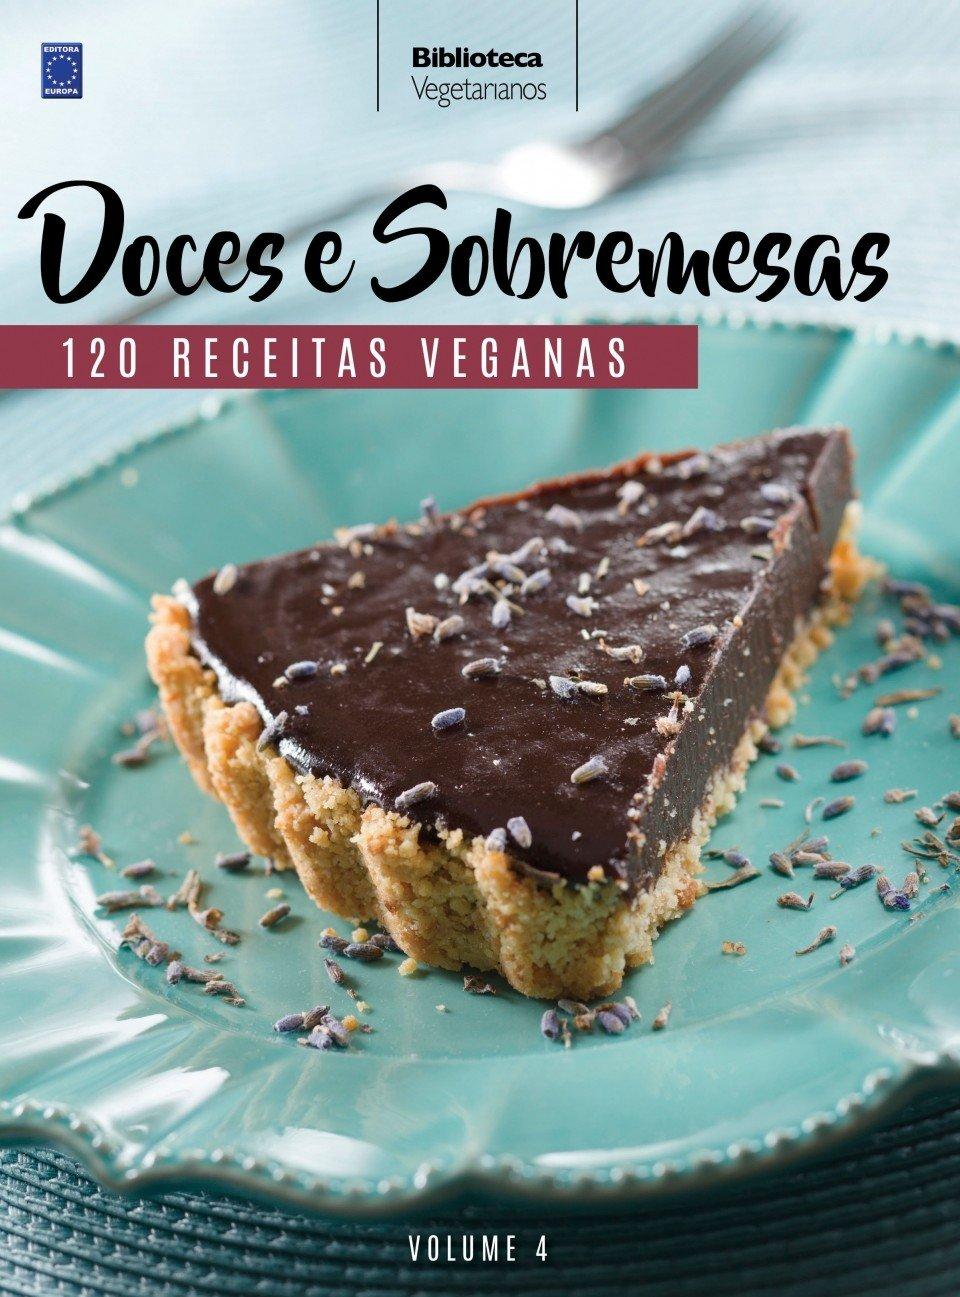 Doces e Sobremesas - Colecao Vegetarianos. Volume 4 (Em Portugues do Brasil): Varios Autores: 9788579604539: Amazon.com: Books